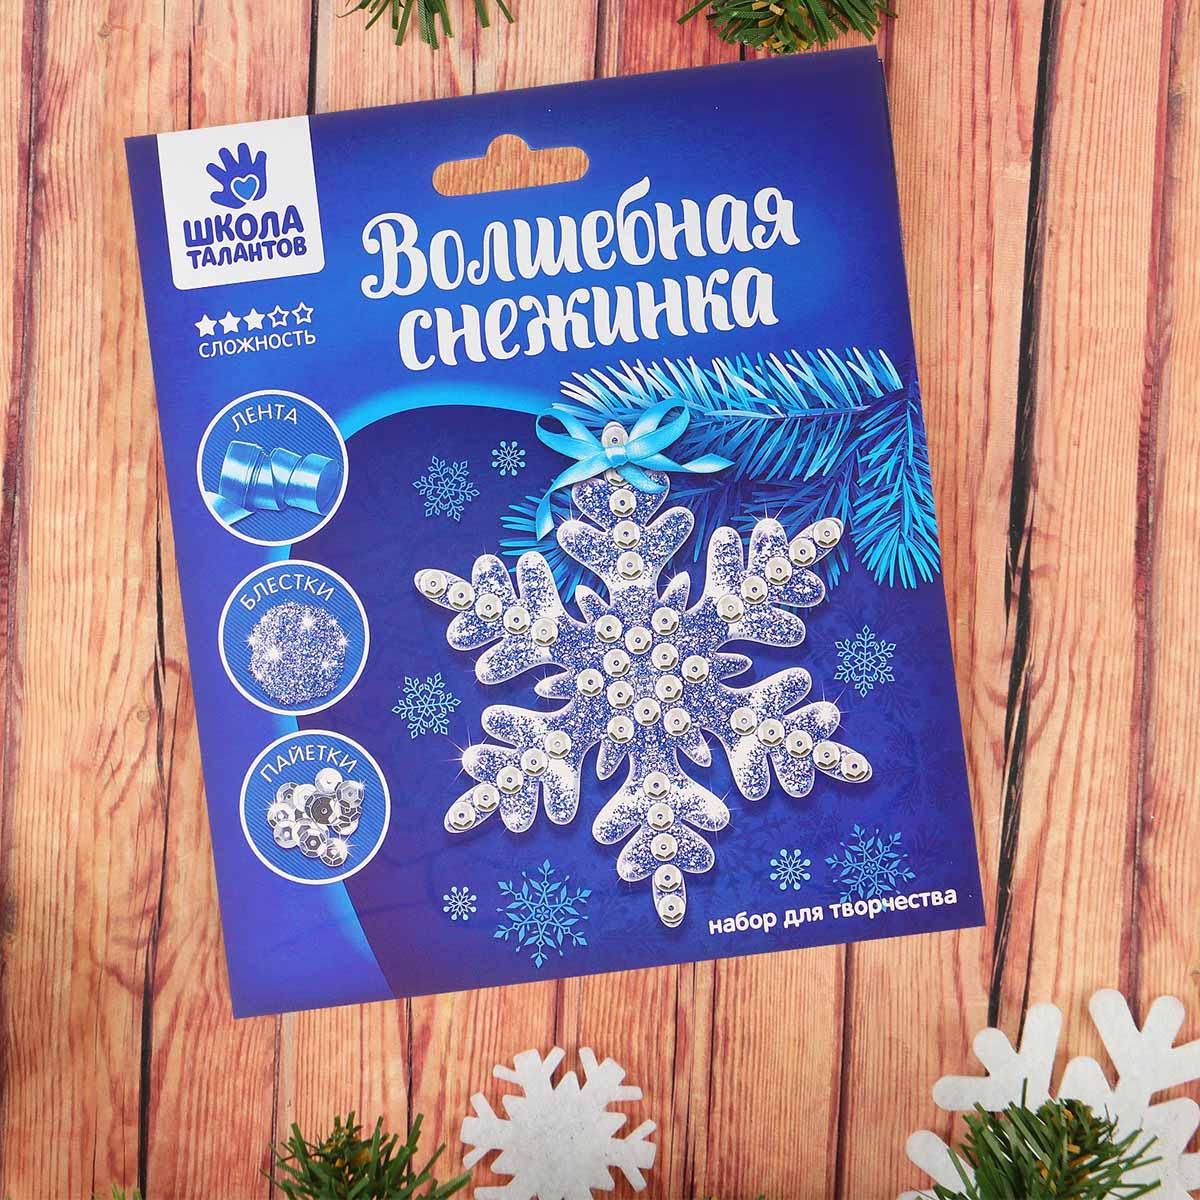 1390474 Набор для творчества 'Волшебная снежинка' №3